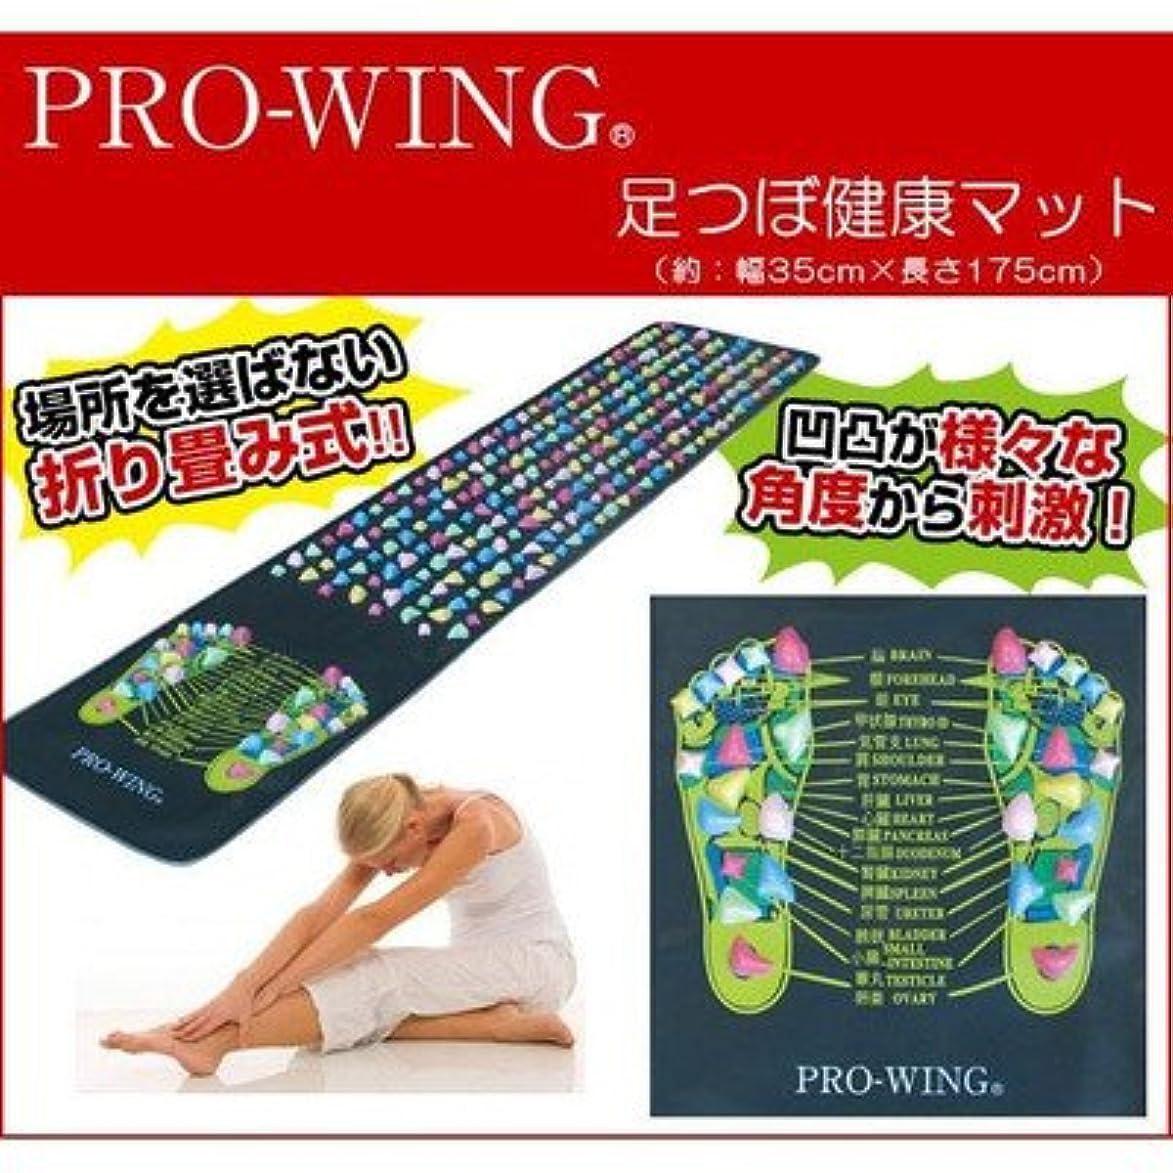 華氏追い出す編集者カラフルで可愛らしい凹凸が様々な角度から刺激 PRO-WING プロウィング 足つぼ健康マット PWF-1001